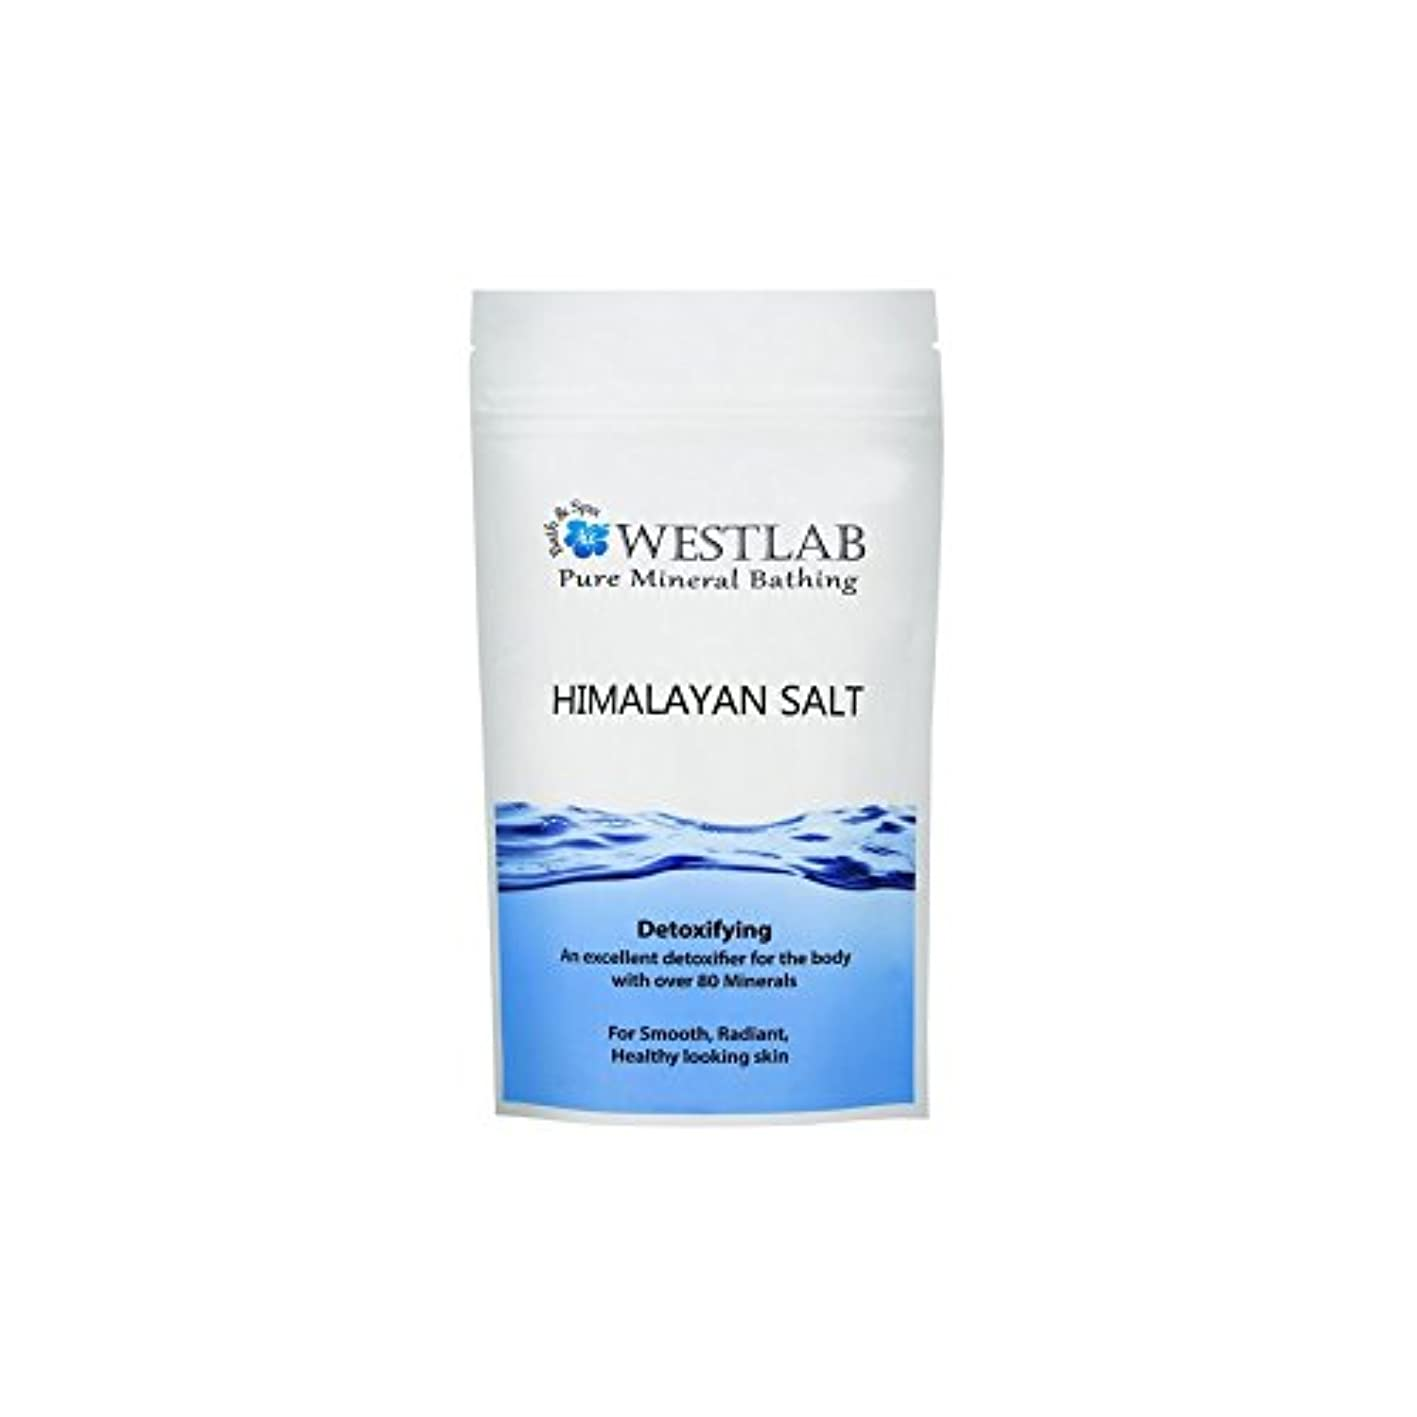 ヒマラヤ塩の1キロ x4 - Westlab Himalayan Salt 1kg (Pack of 4) [並行輸入品]